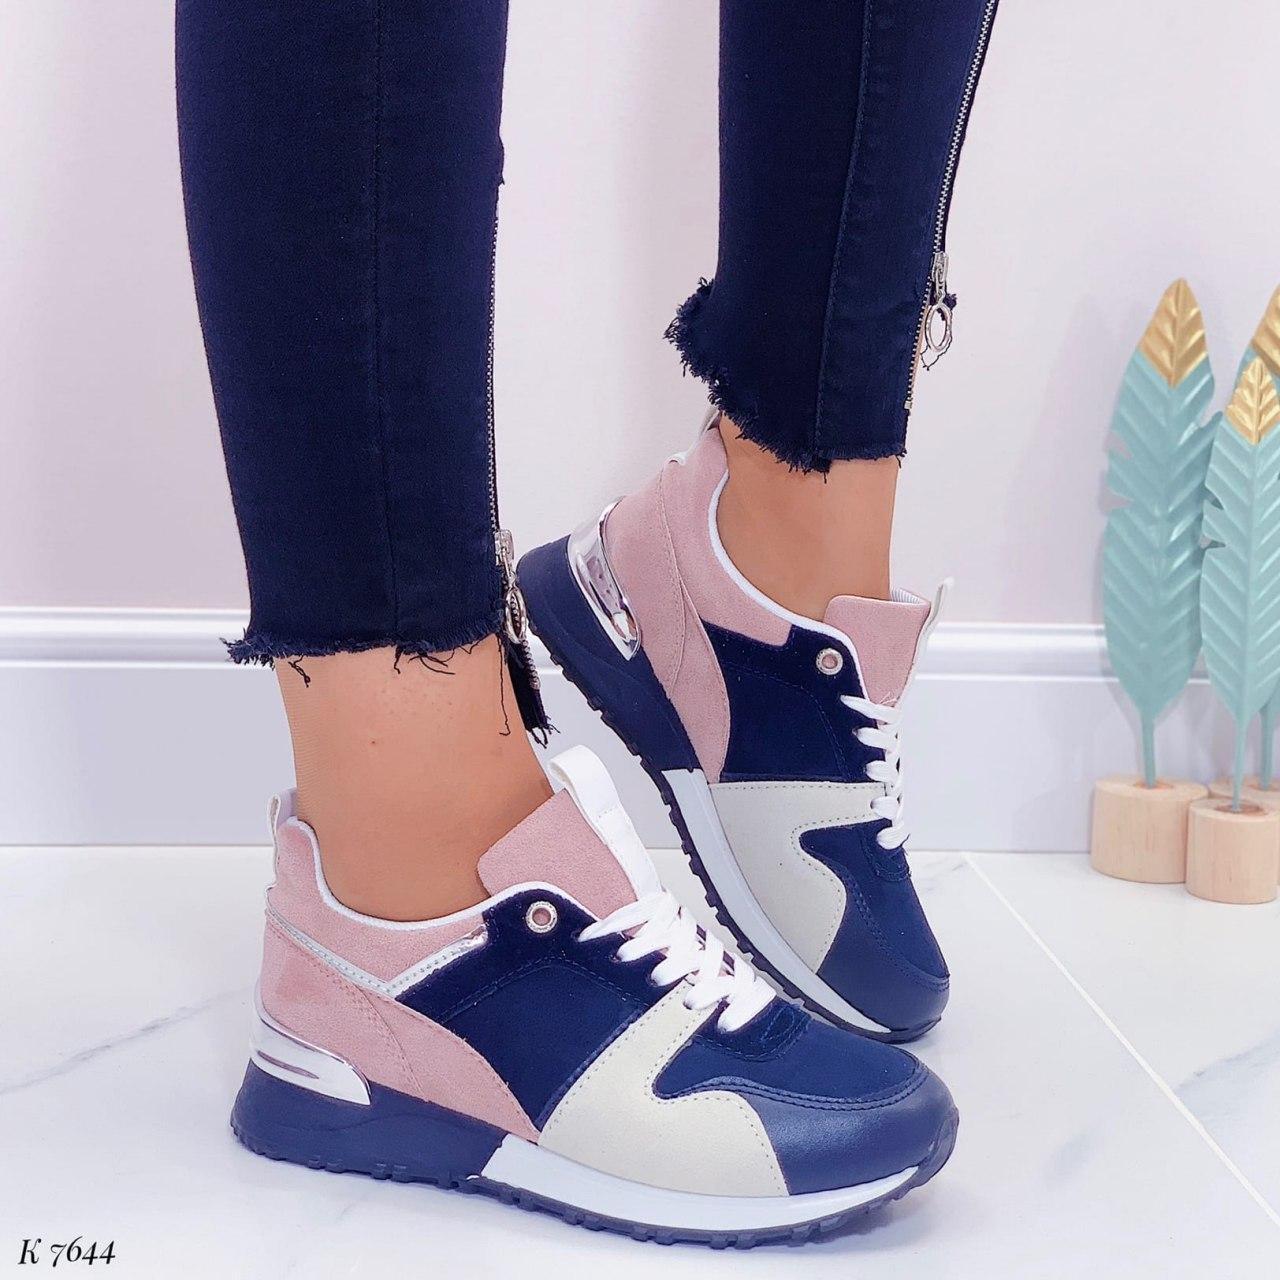 Кроссовки женские синие + розовые из эко замши. Кросівки жіночі сині + рожеві